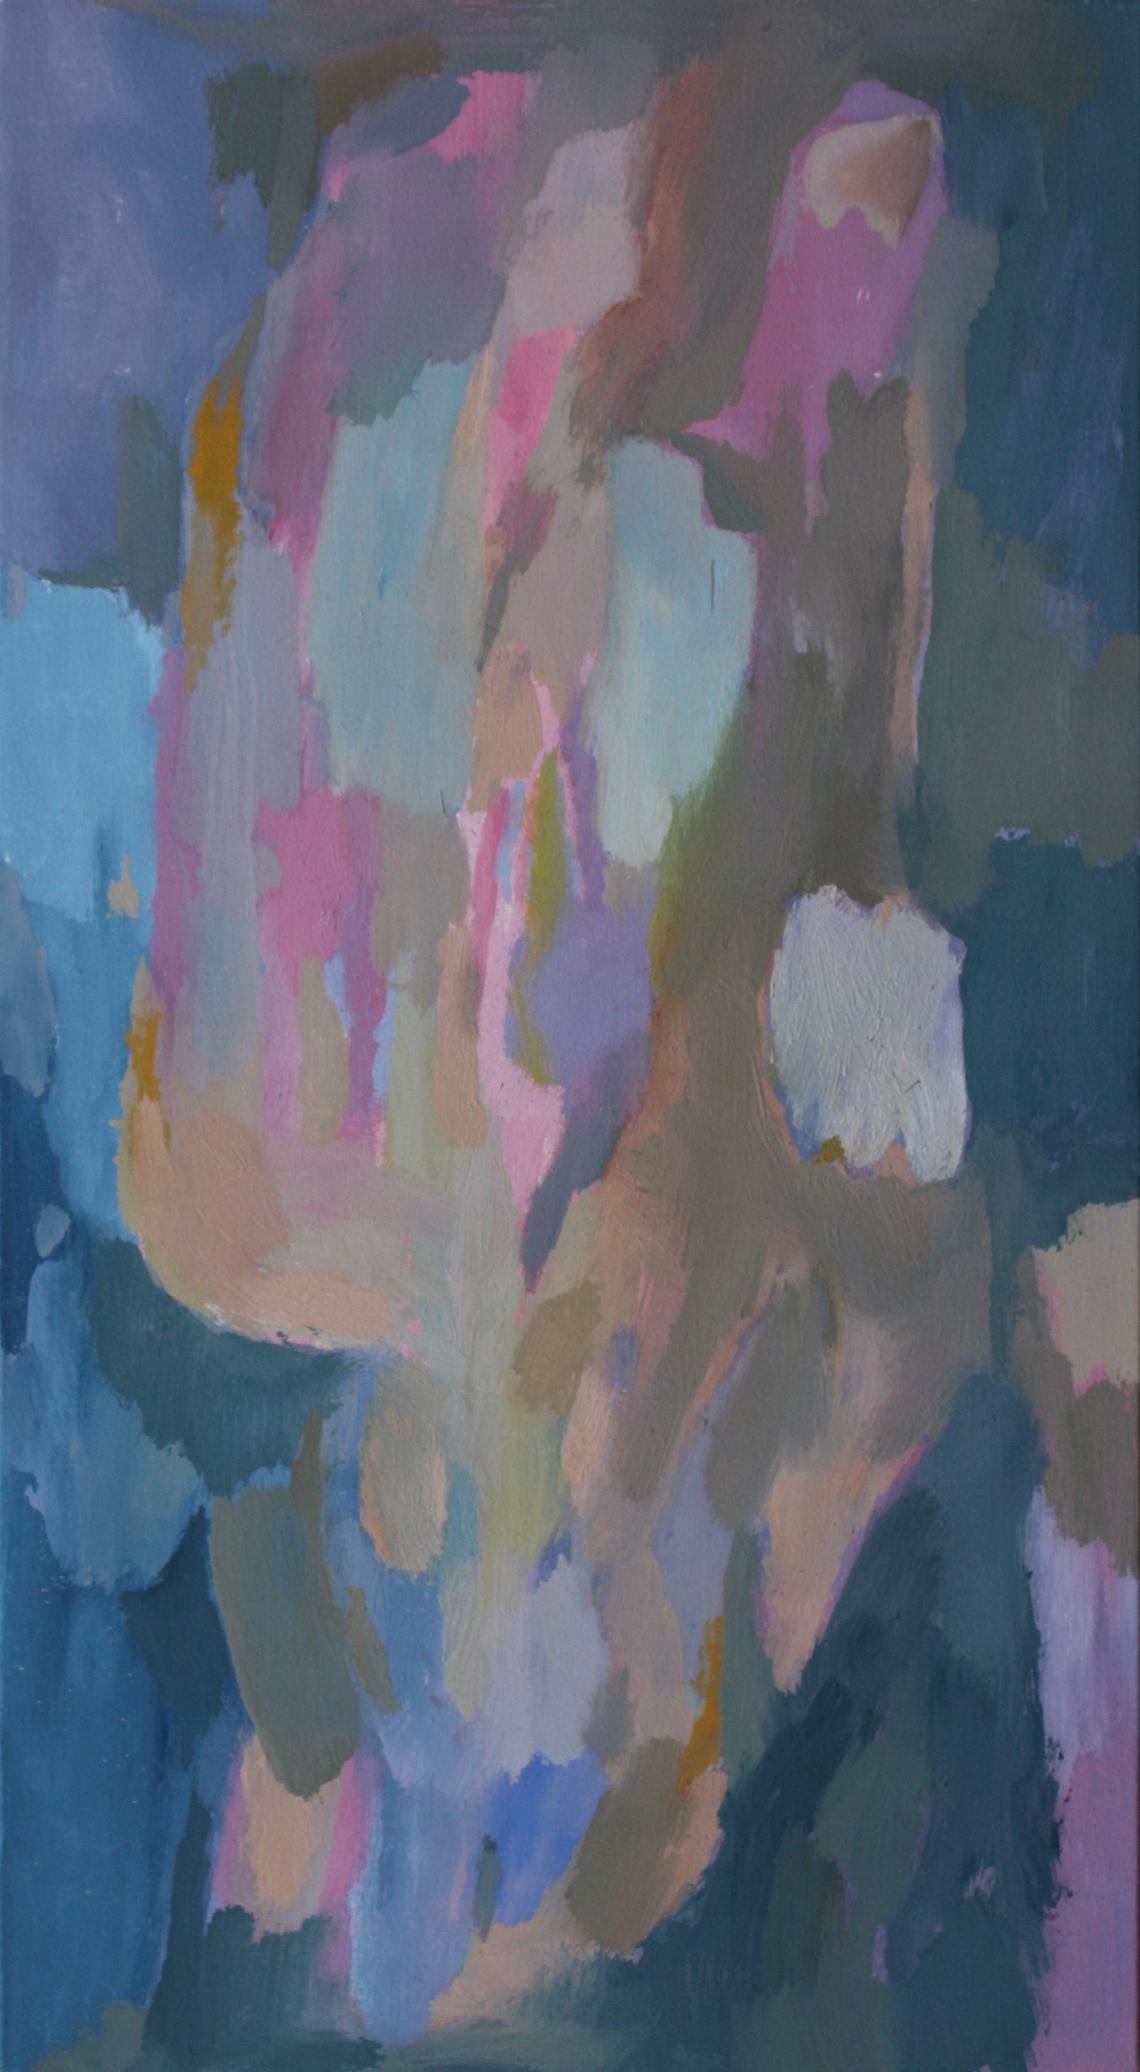 painting 23 may 20